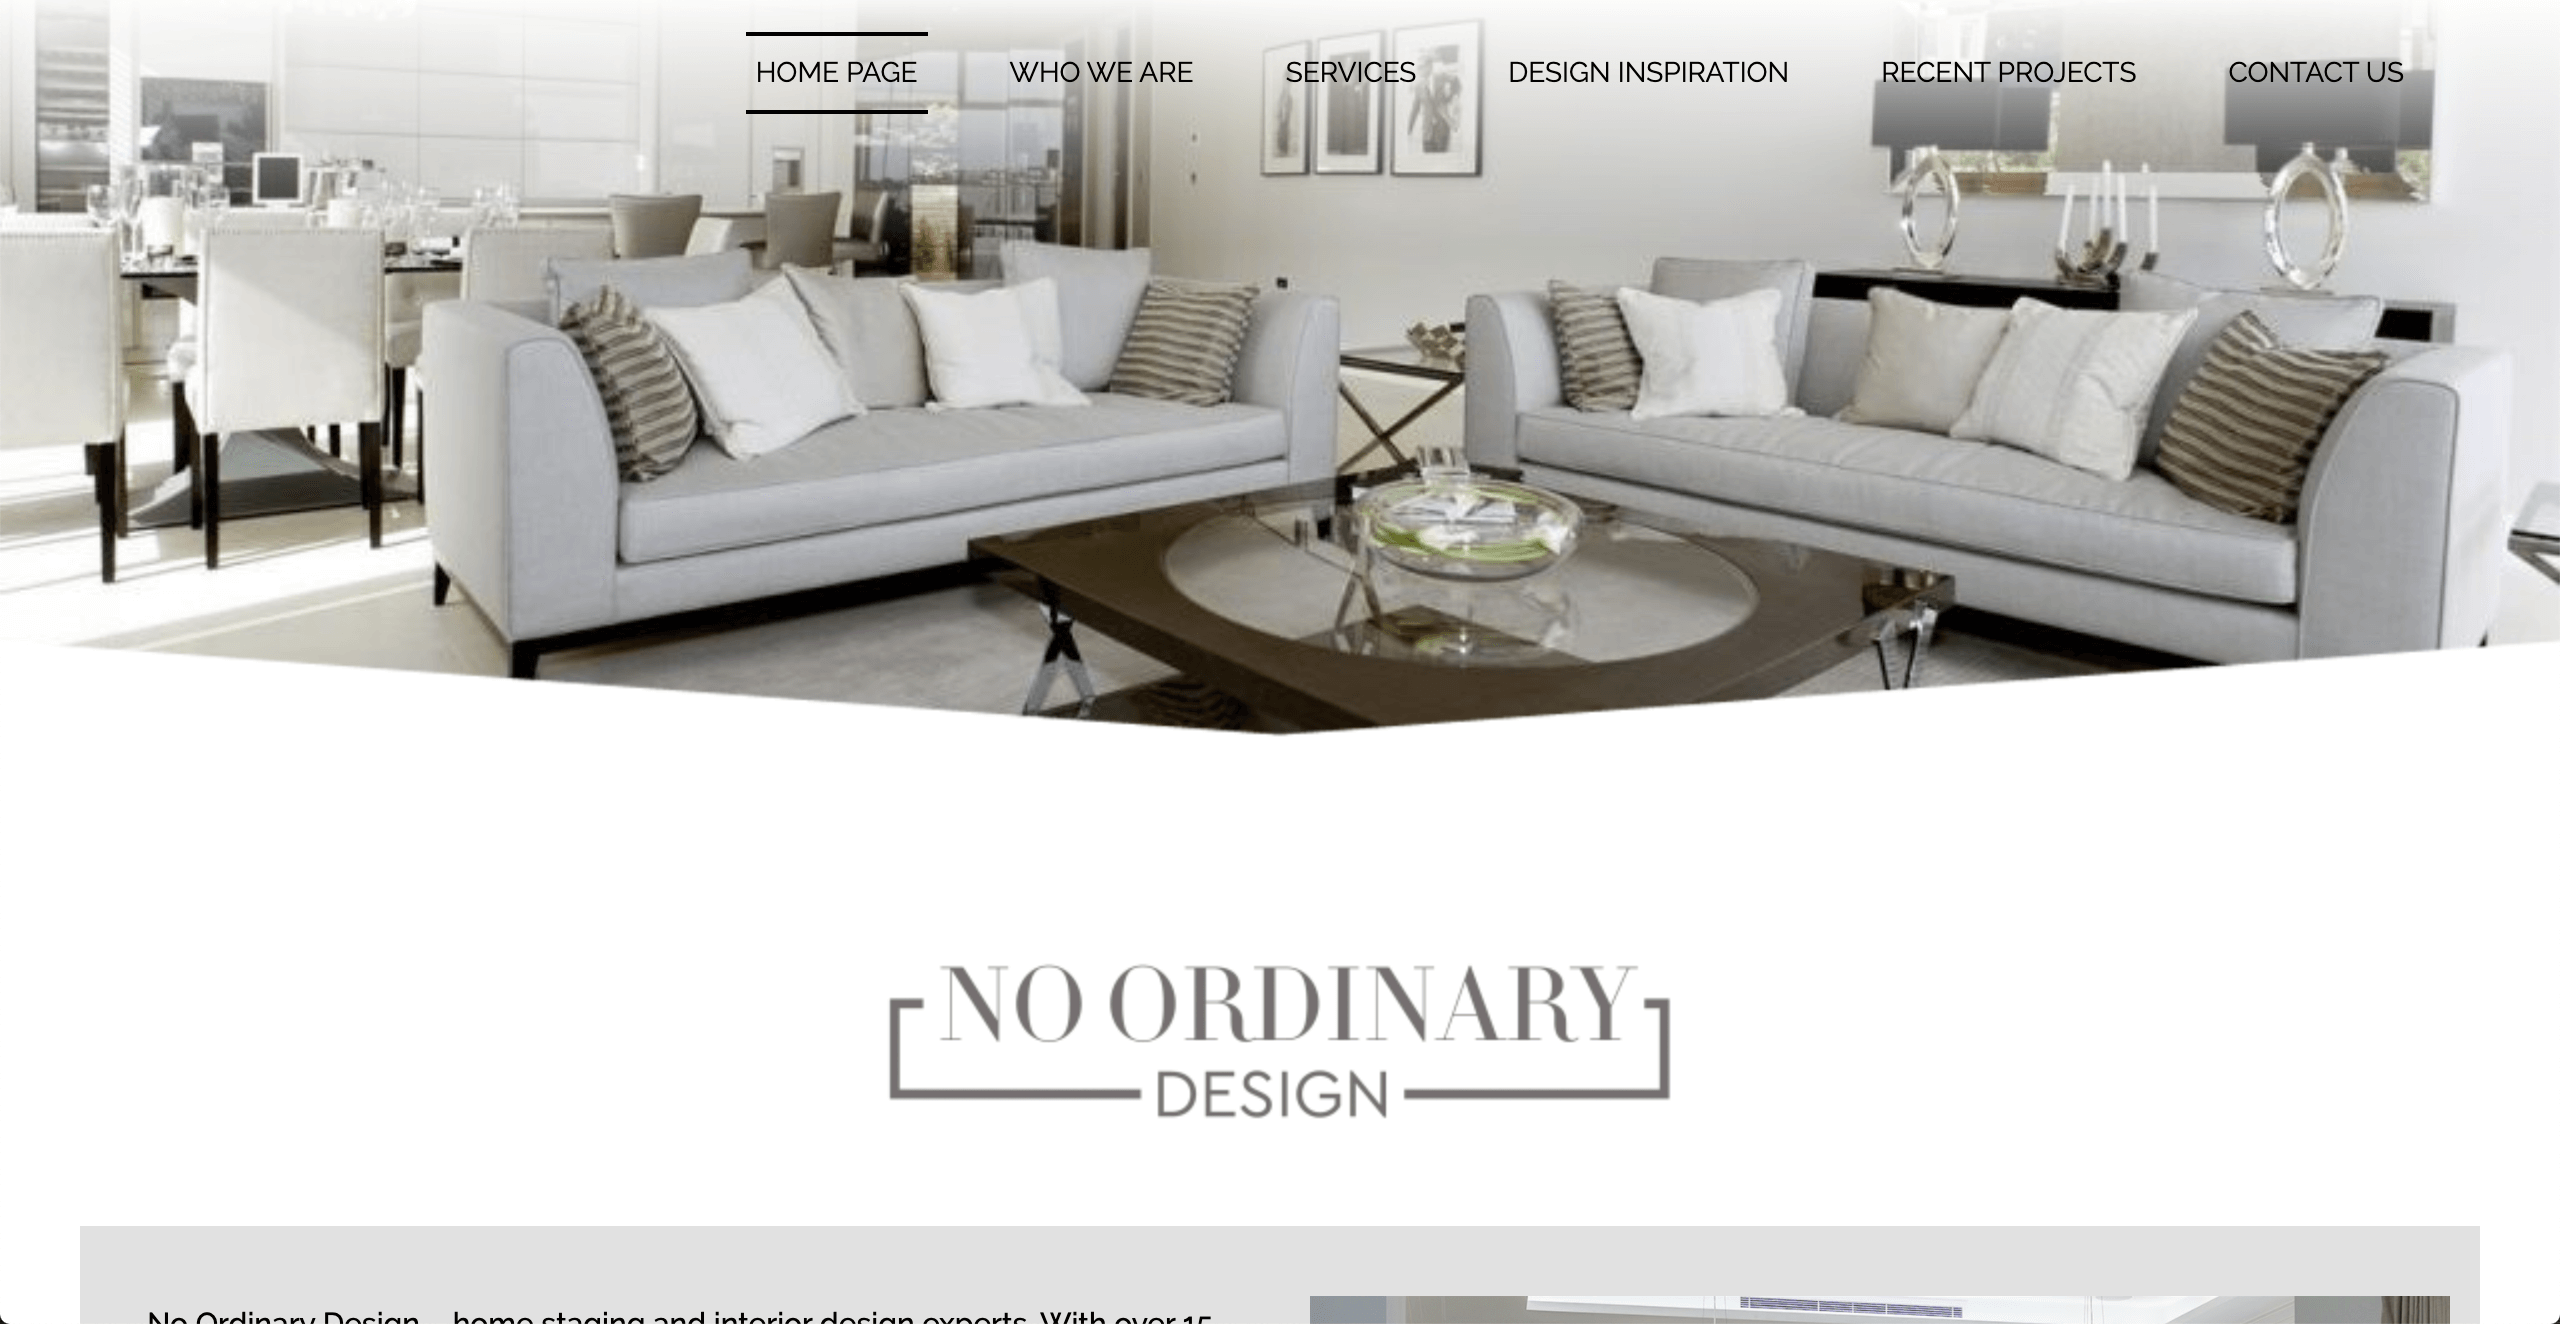 No Ordinary Design